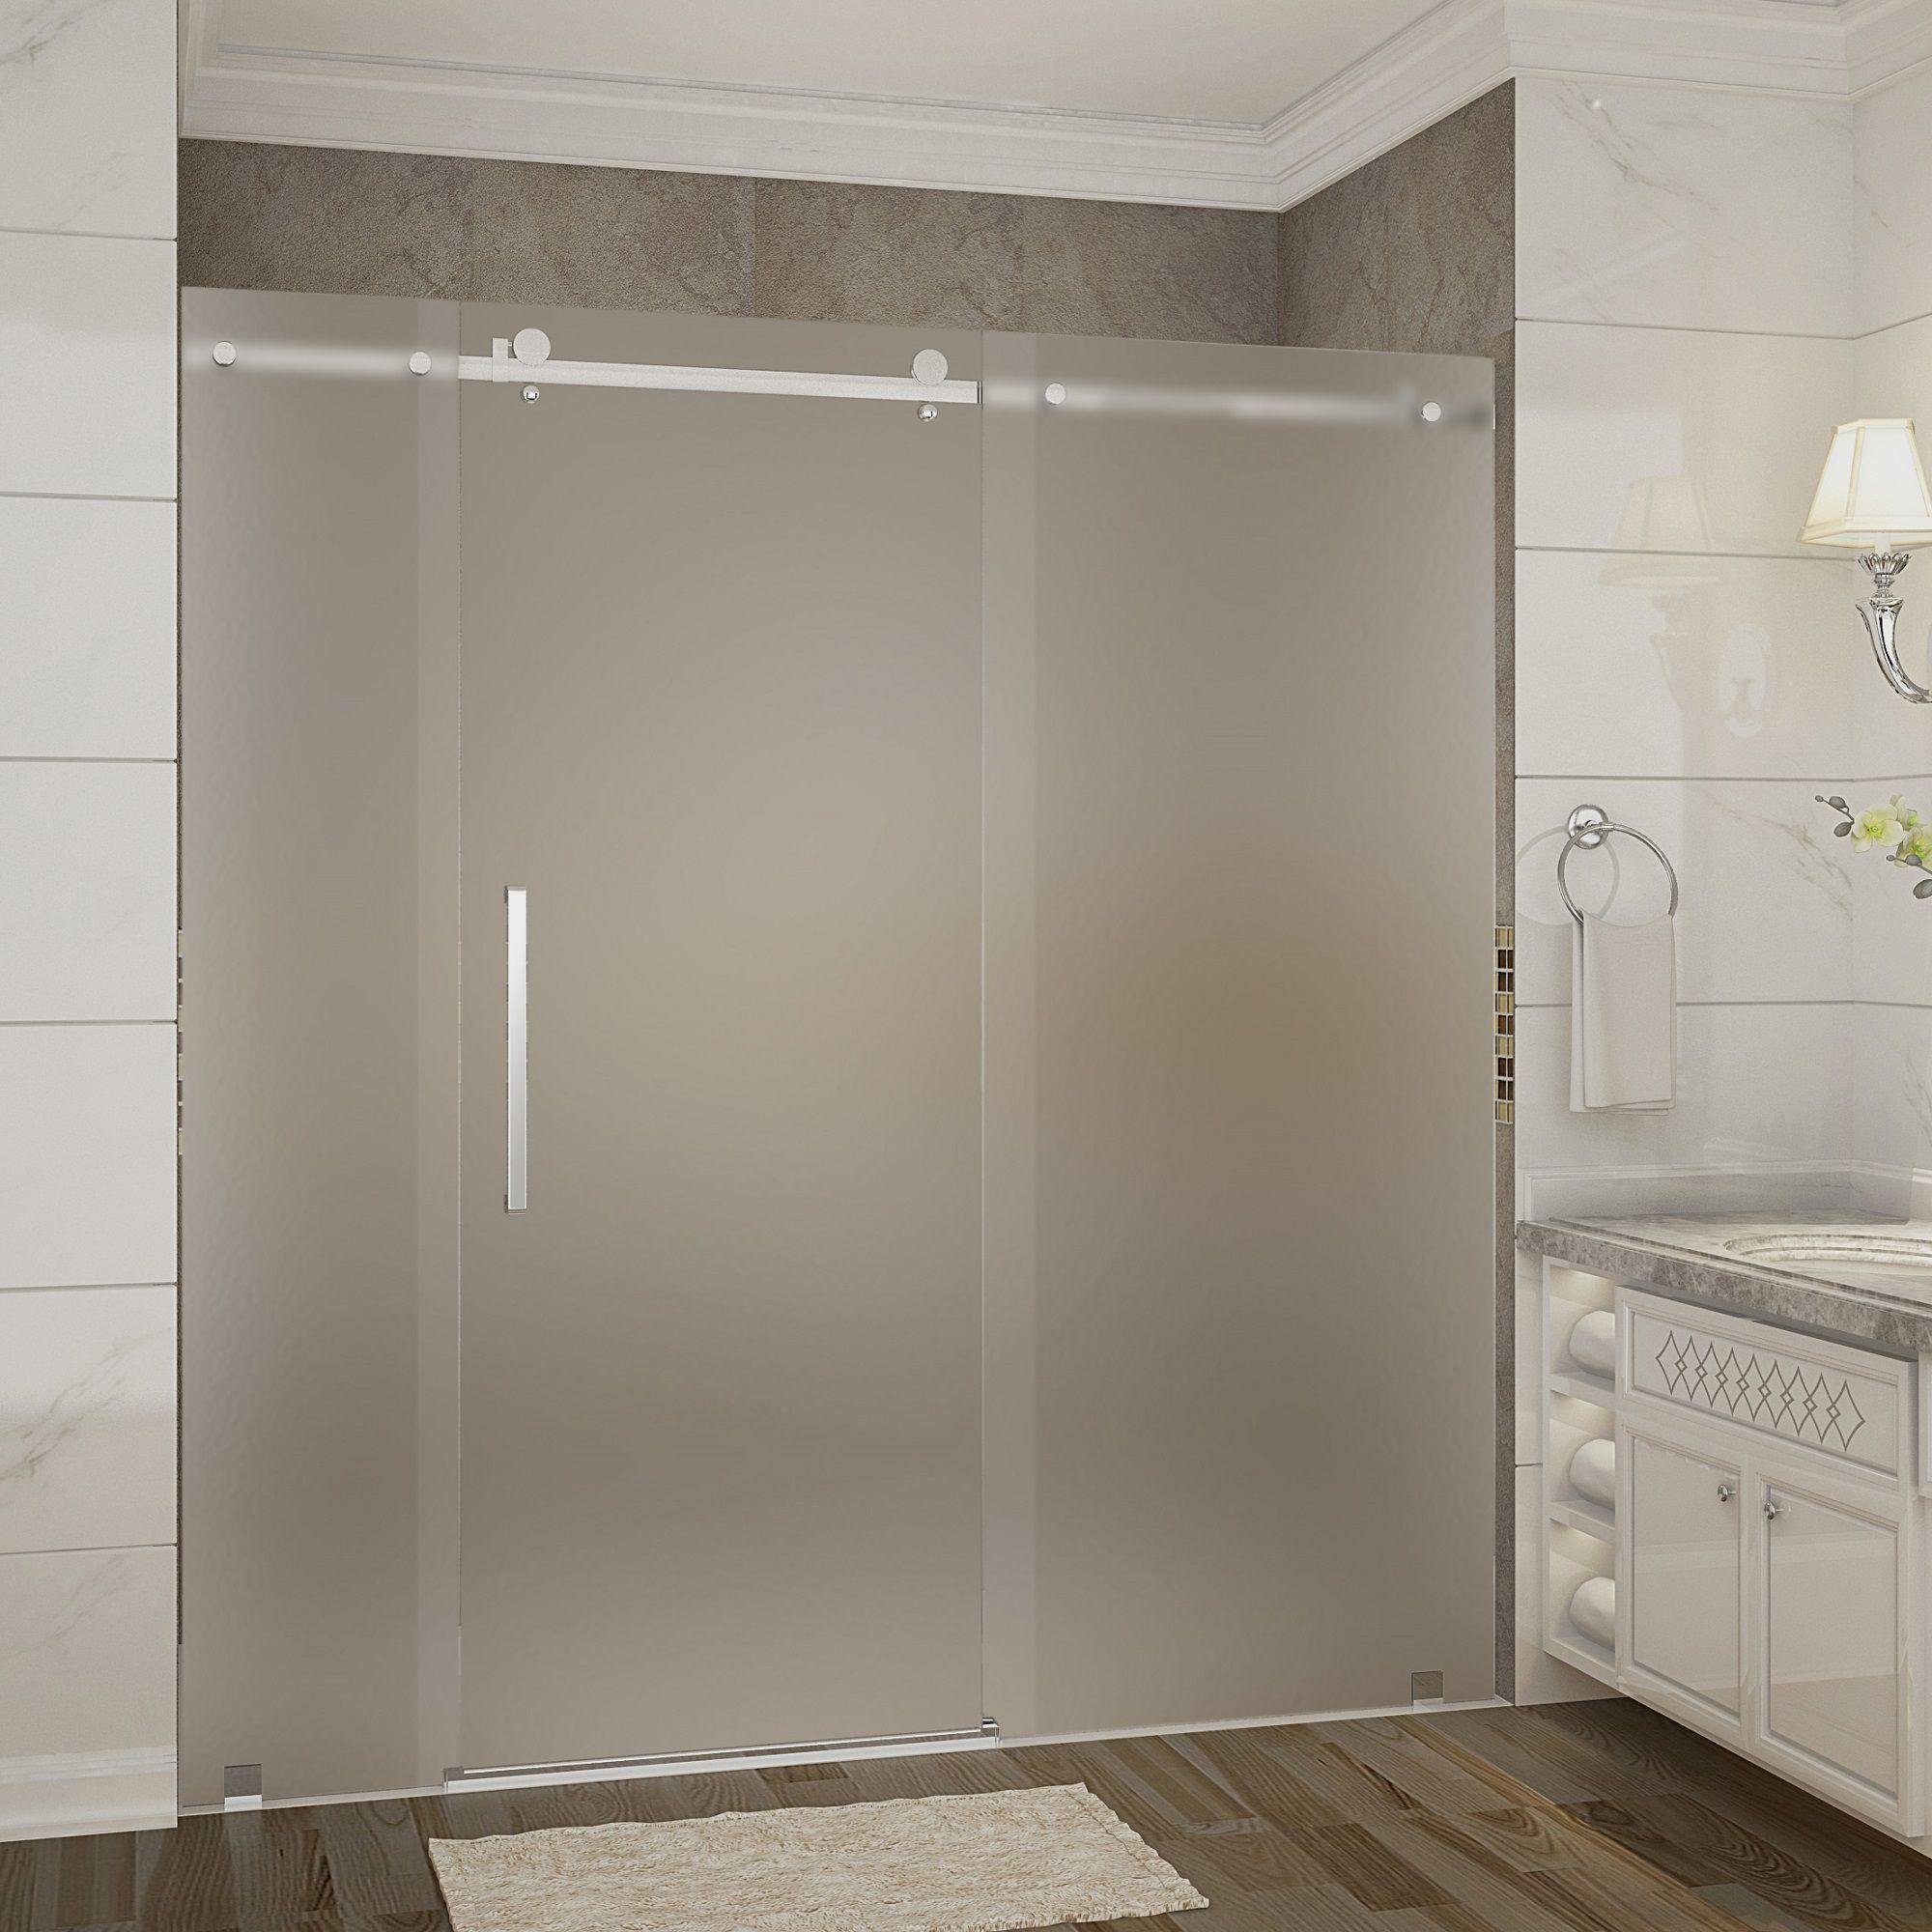 Sdr976 Moselle 72 X 75 Completely Frameless Sliding Shower Door